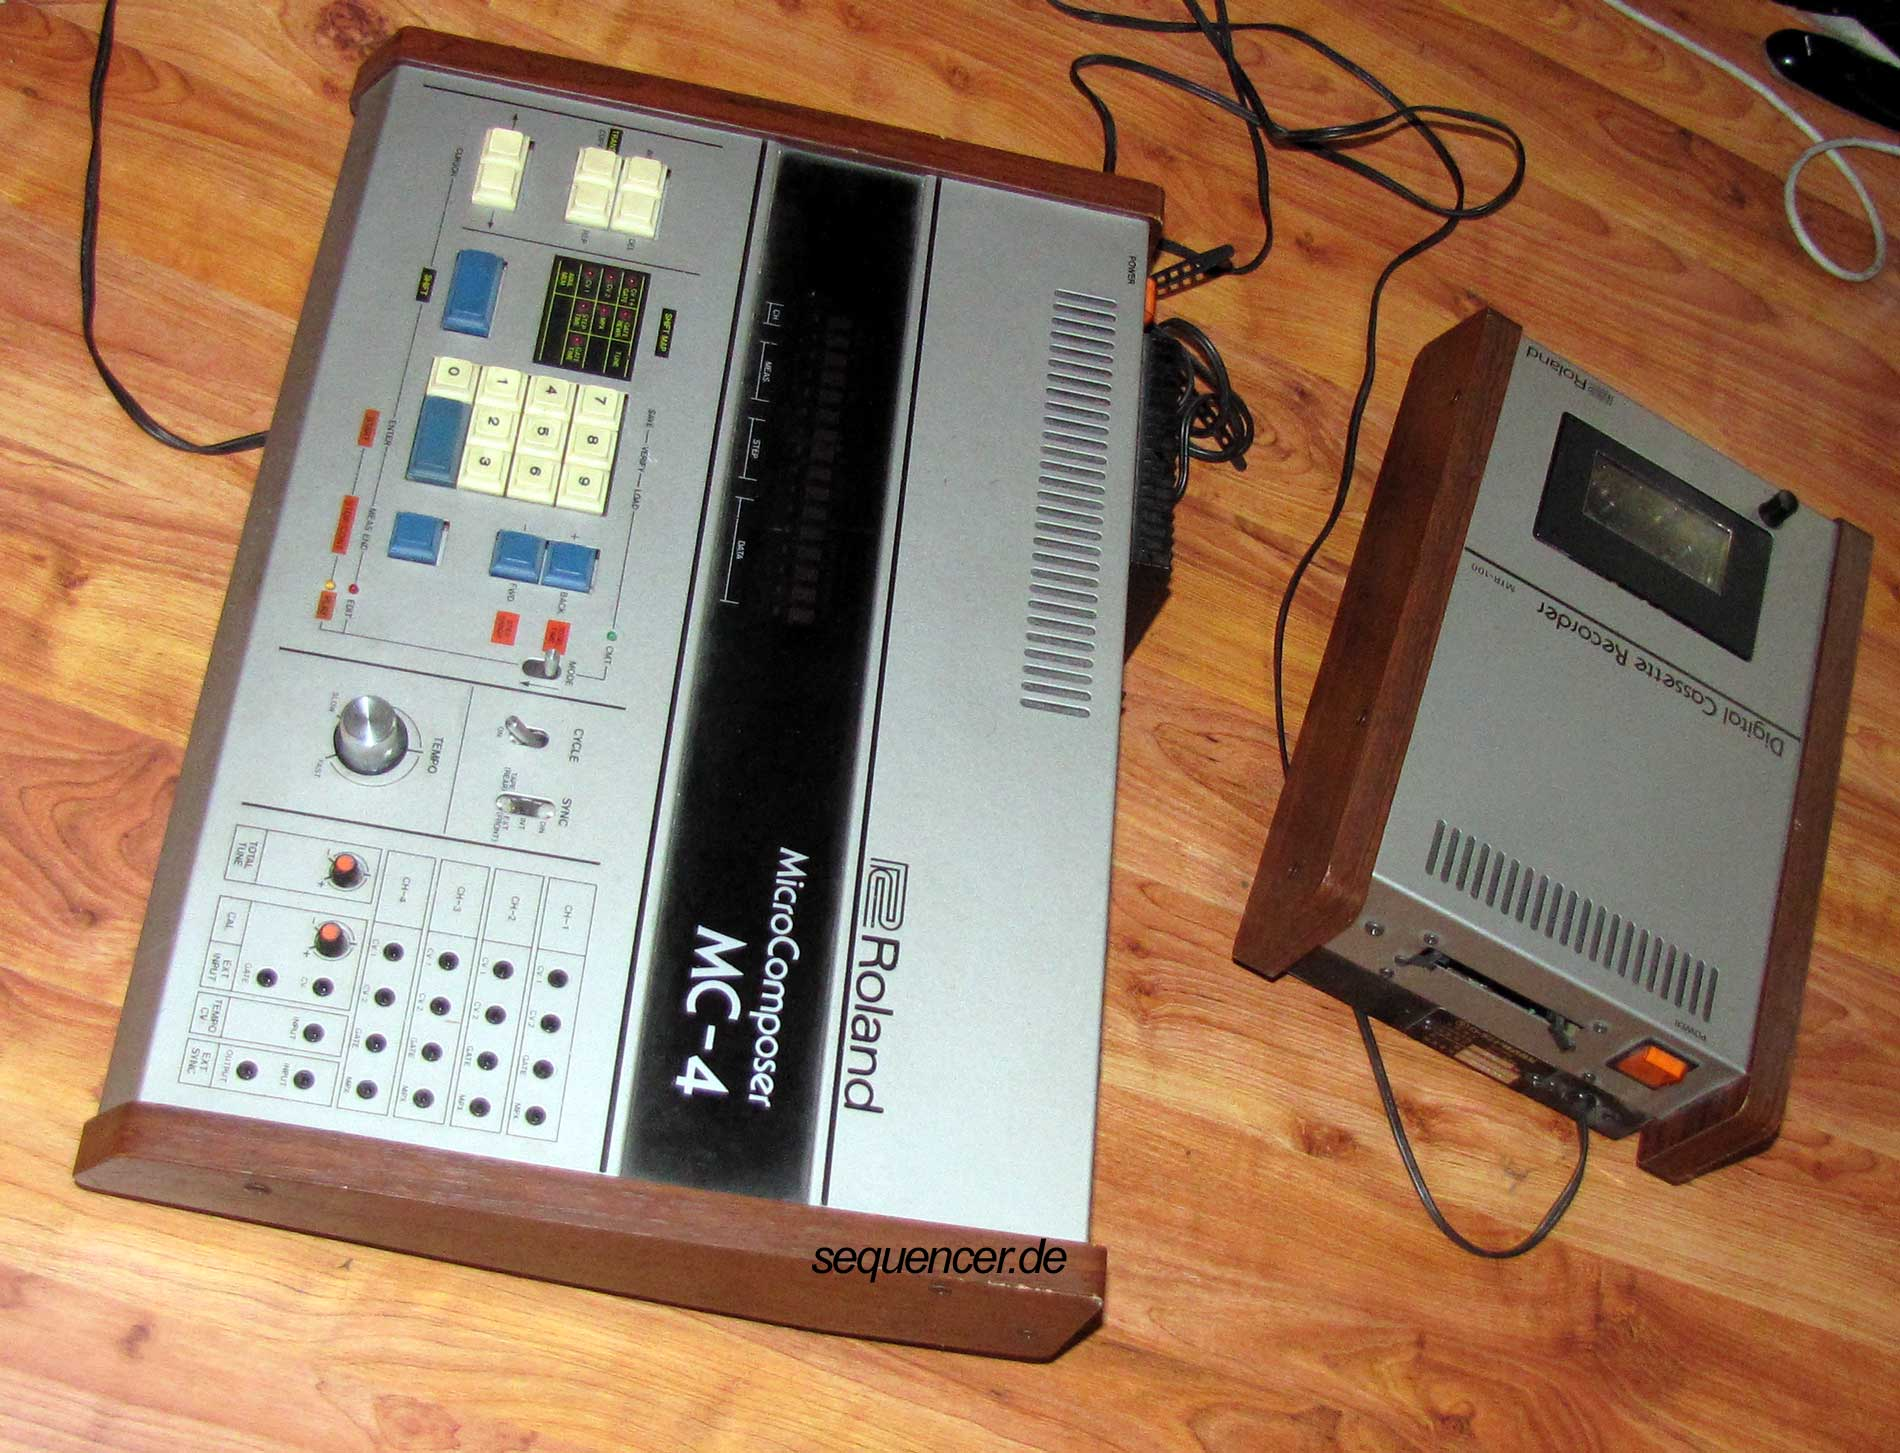 Step Sequenzer Midi Lauflicht Sequencer Programm Strange Led Mc4 Datacorder Cv Gate Roland